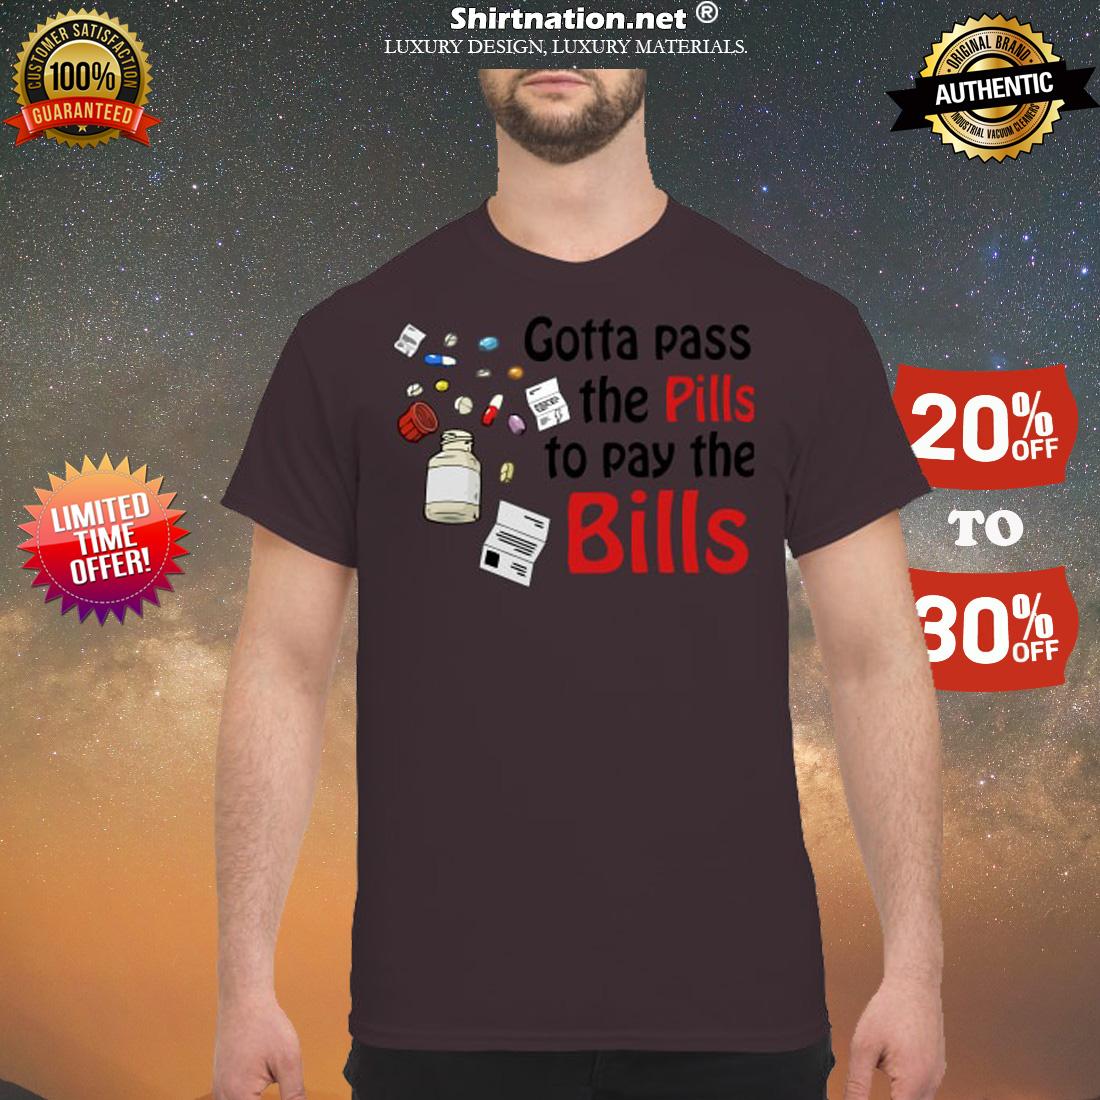 Gotta pass the pills to pay the bills shirt